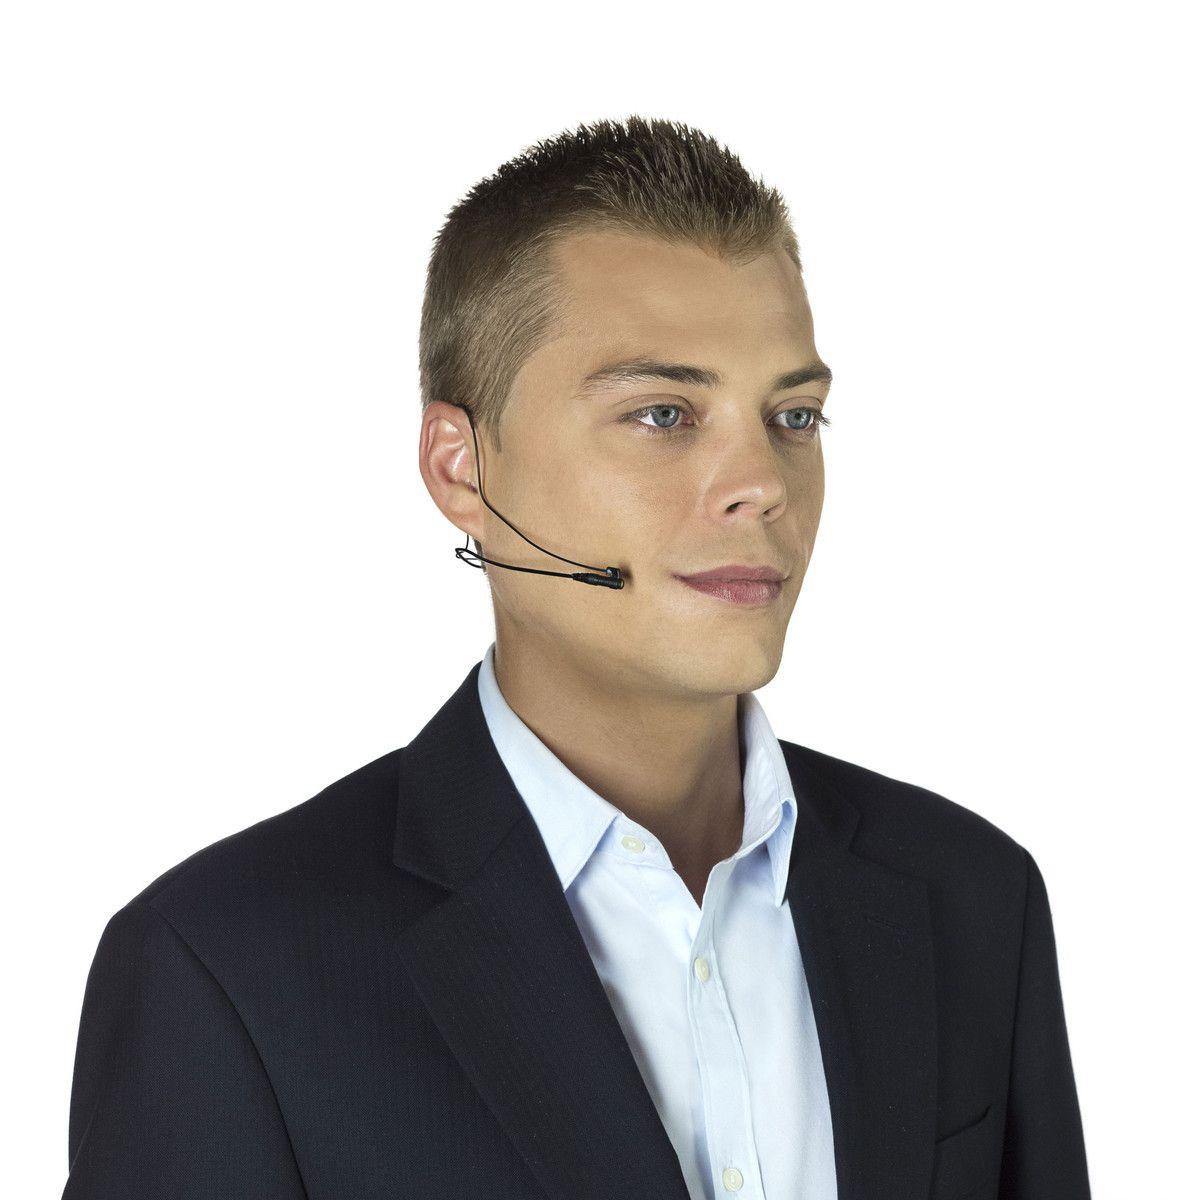 Suporte ergonômico Headset para microfone lapela RØDE Lavalier e smartLav+ | RODE | Lav-Headset